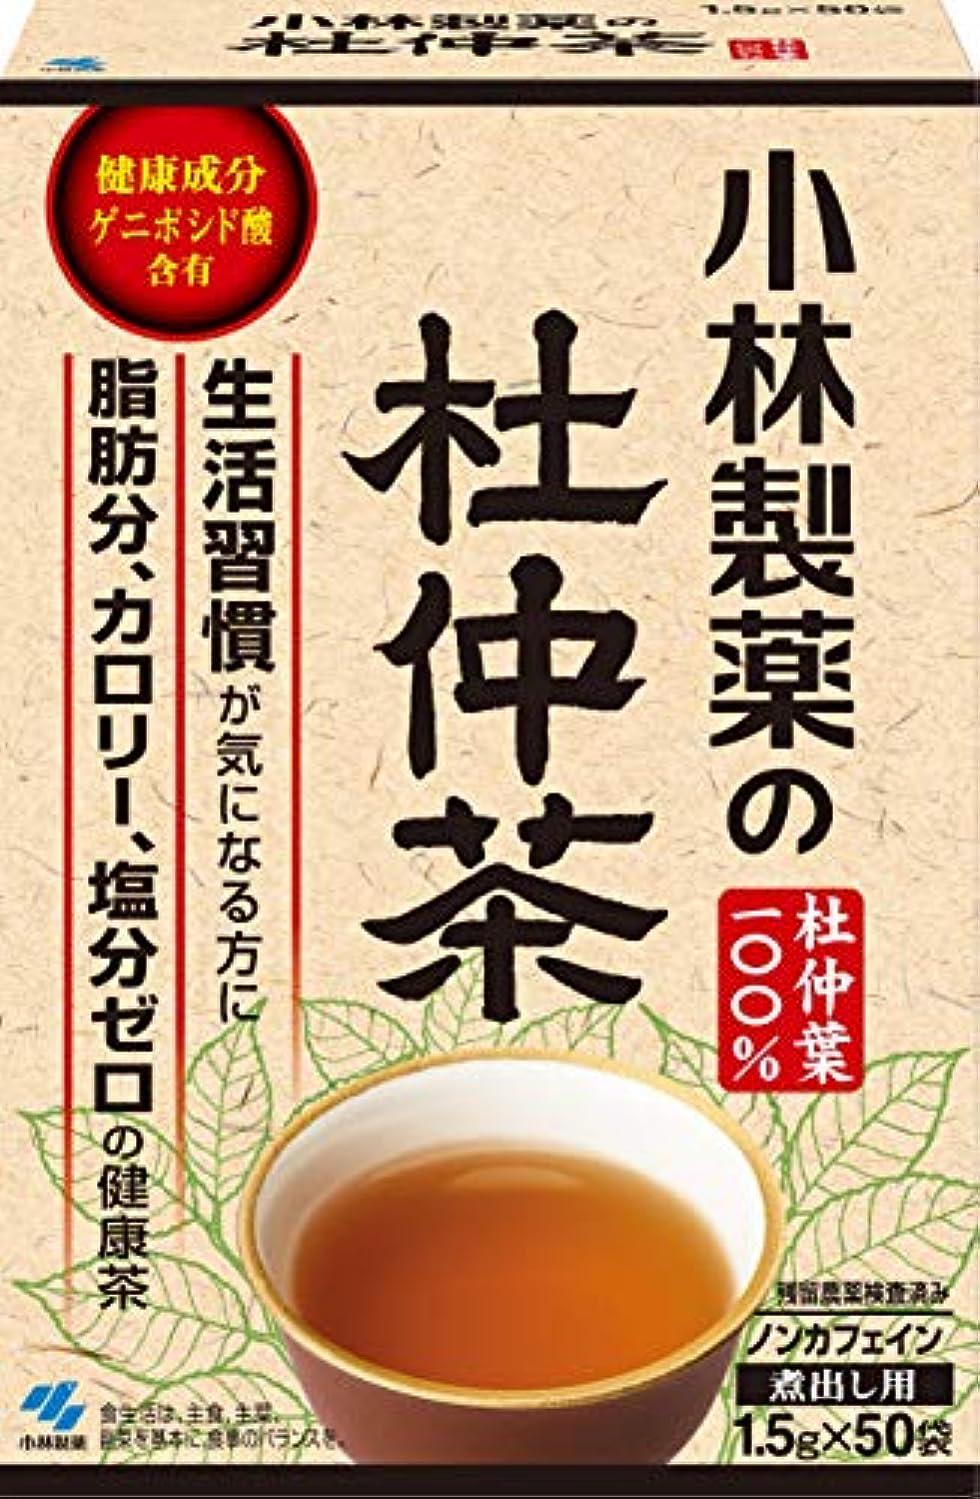 理解びっくりするどこでも小林製薬の杜仲茶 1.5g×50袋